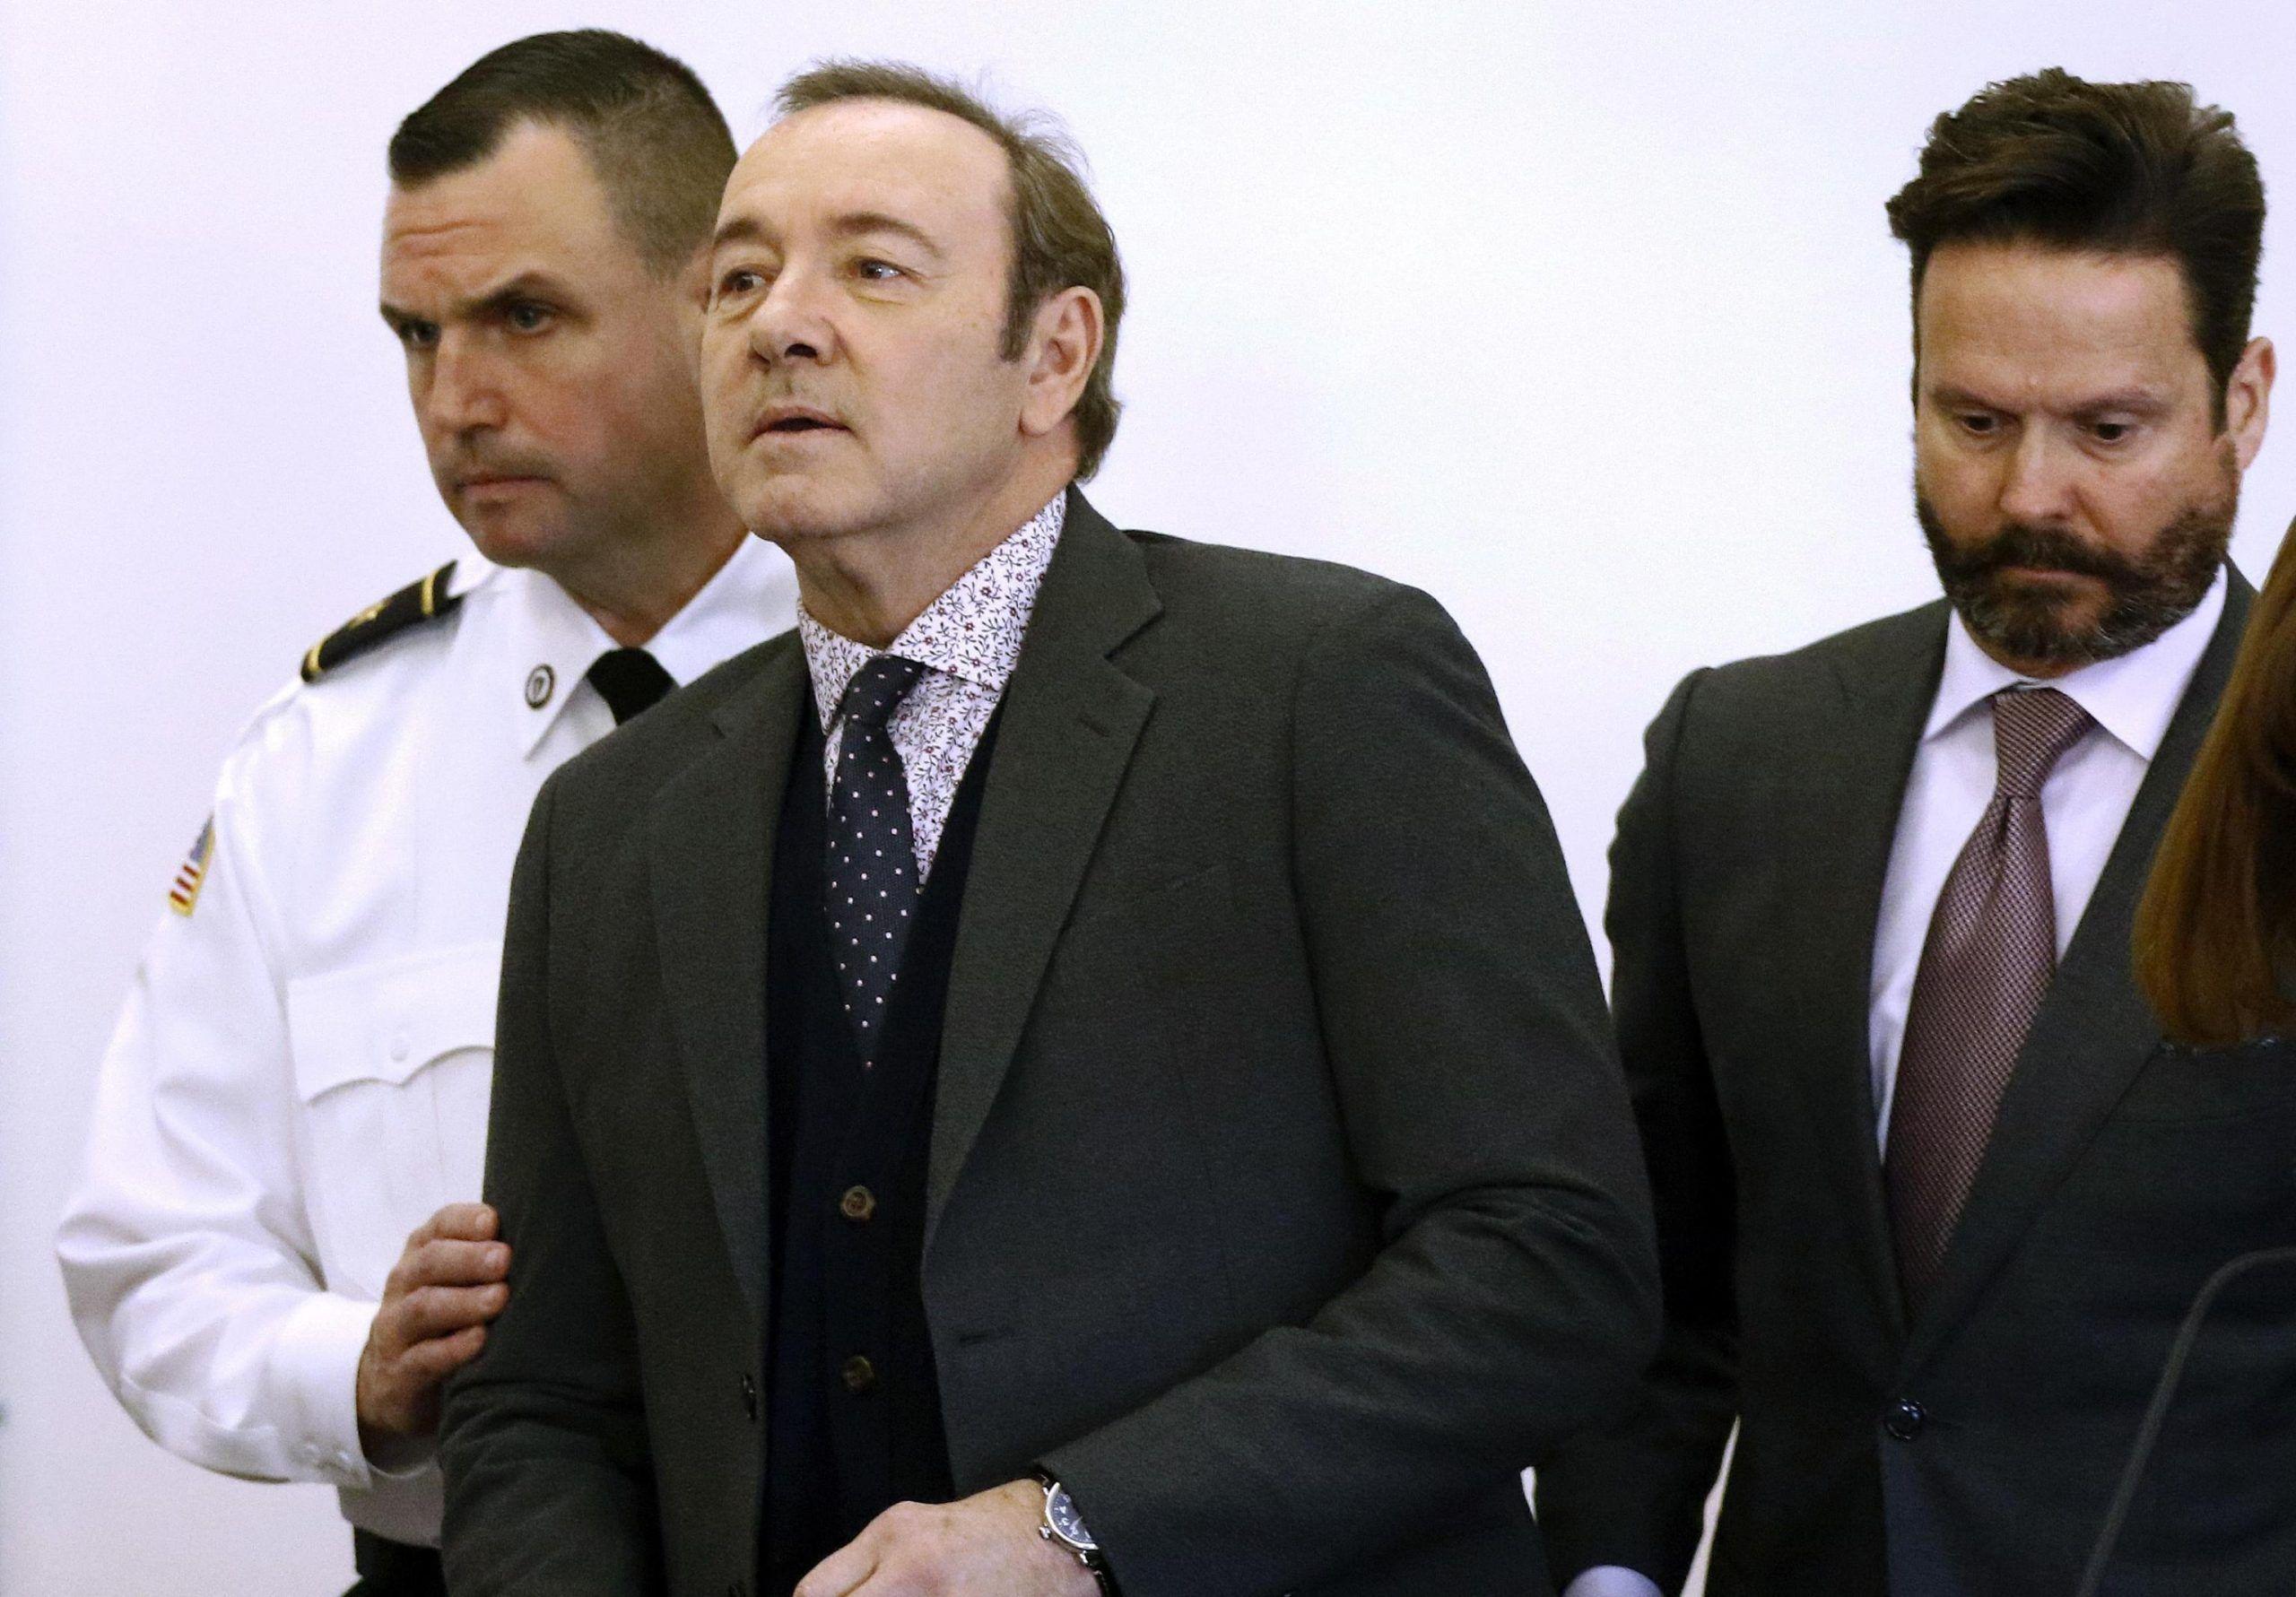 Kevin Spacey in tribunale per le accuse di molestie: rischia fino a 5 anni